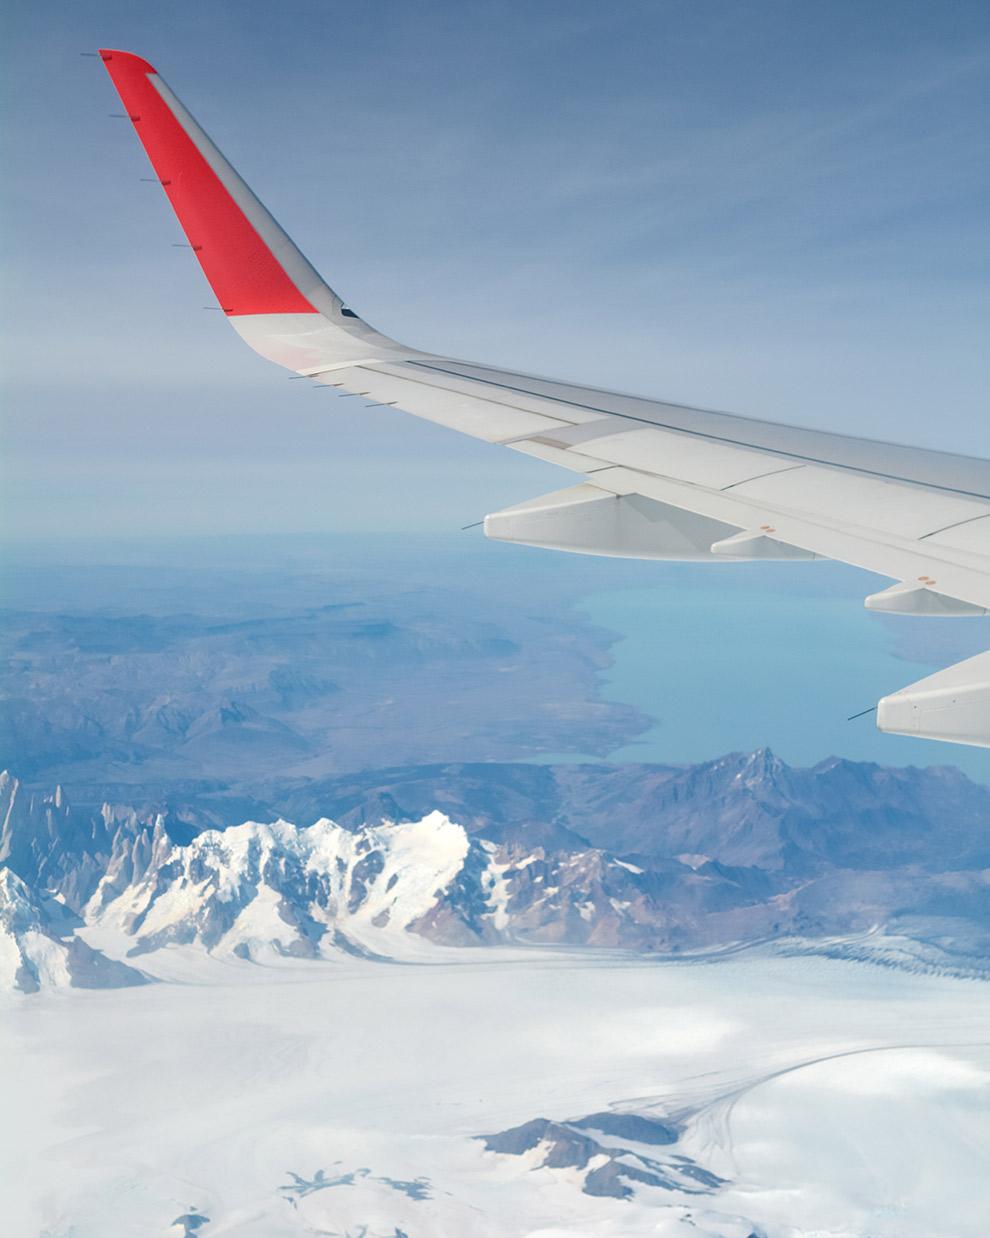 Uitzicht op gletsjers vanuit vliegtuig naar Punta Arenas vanuit